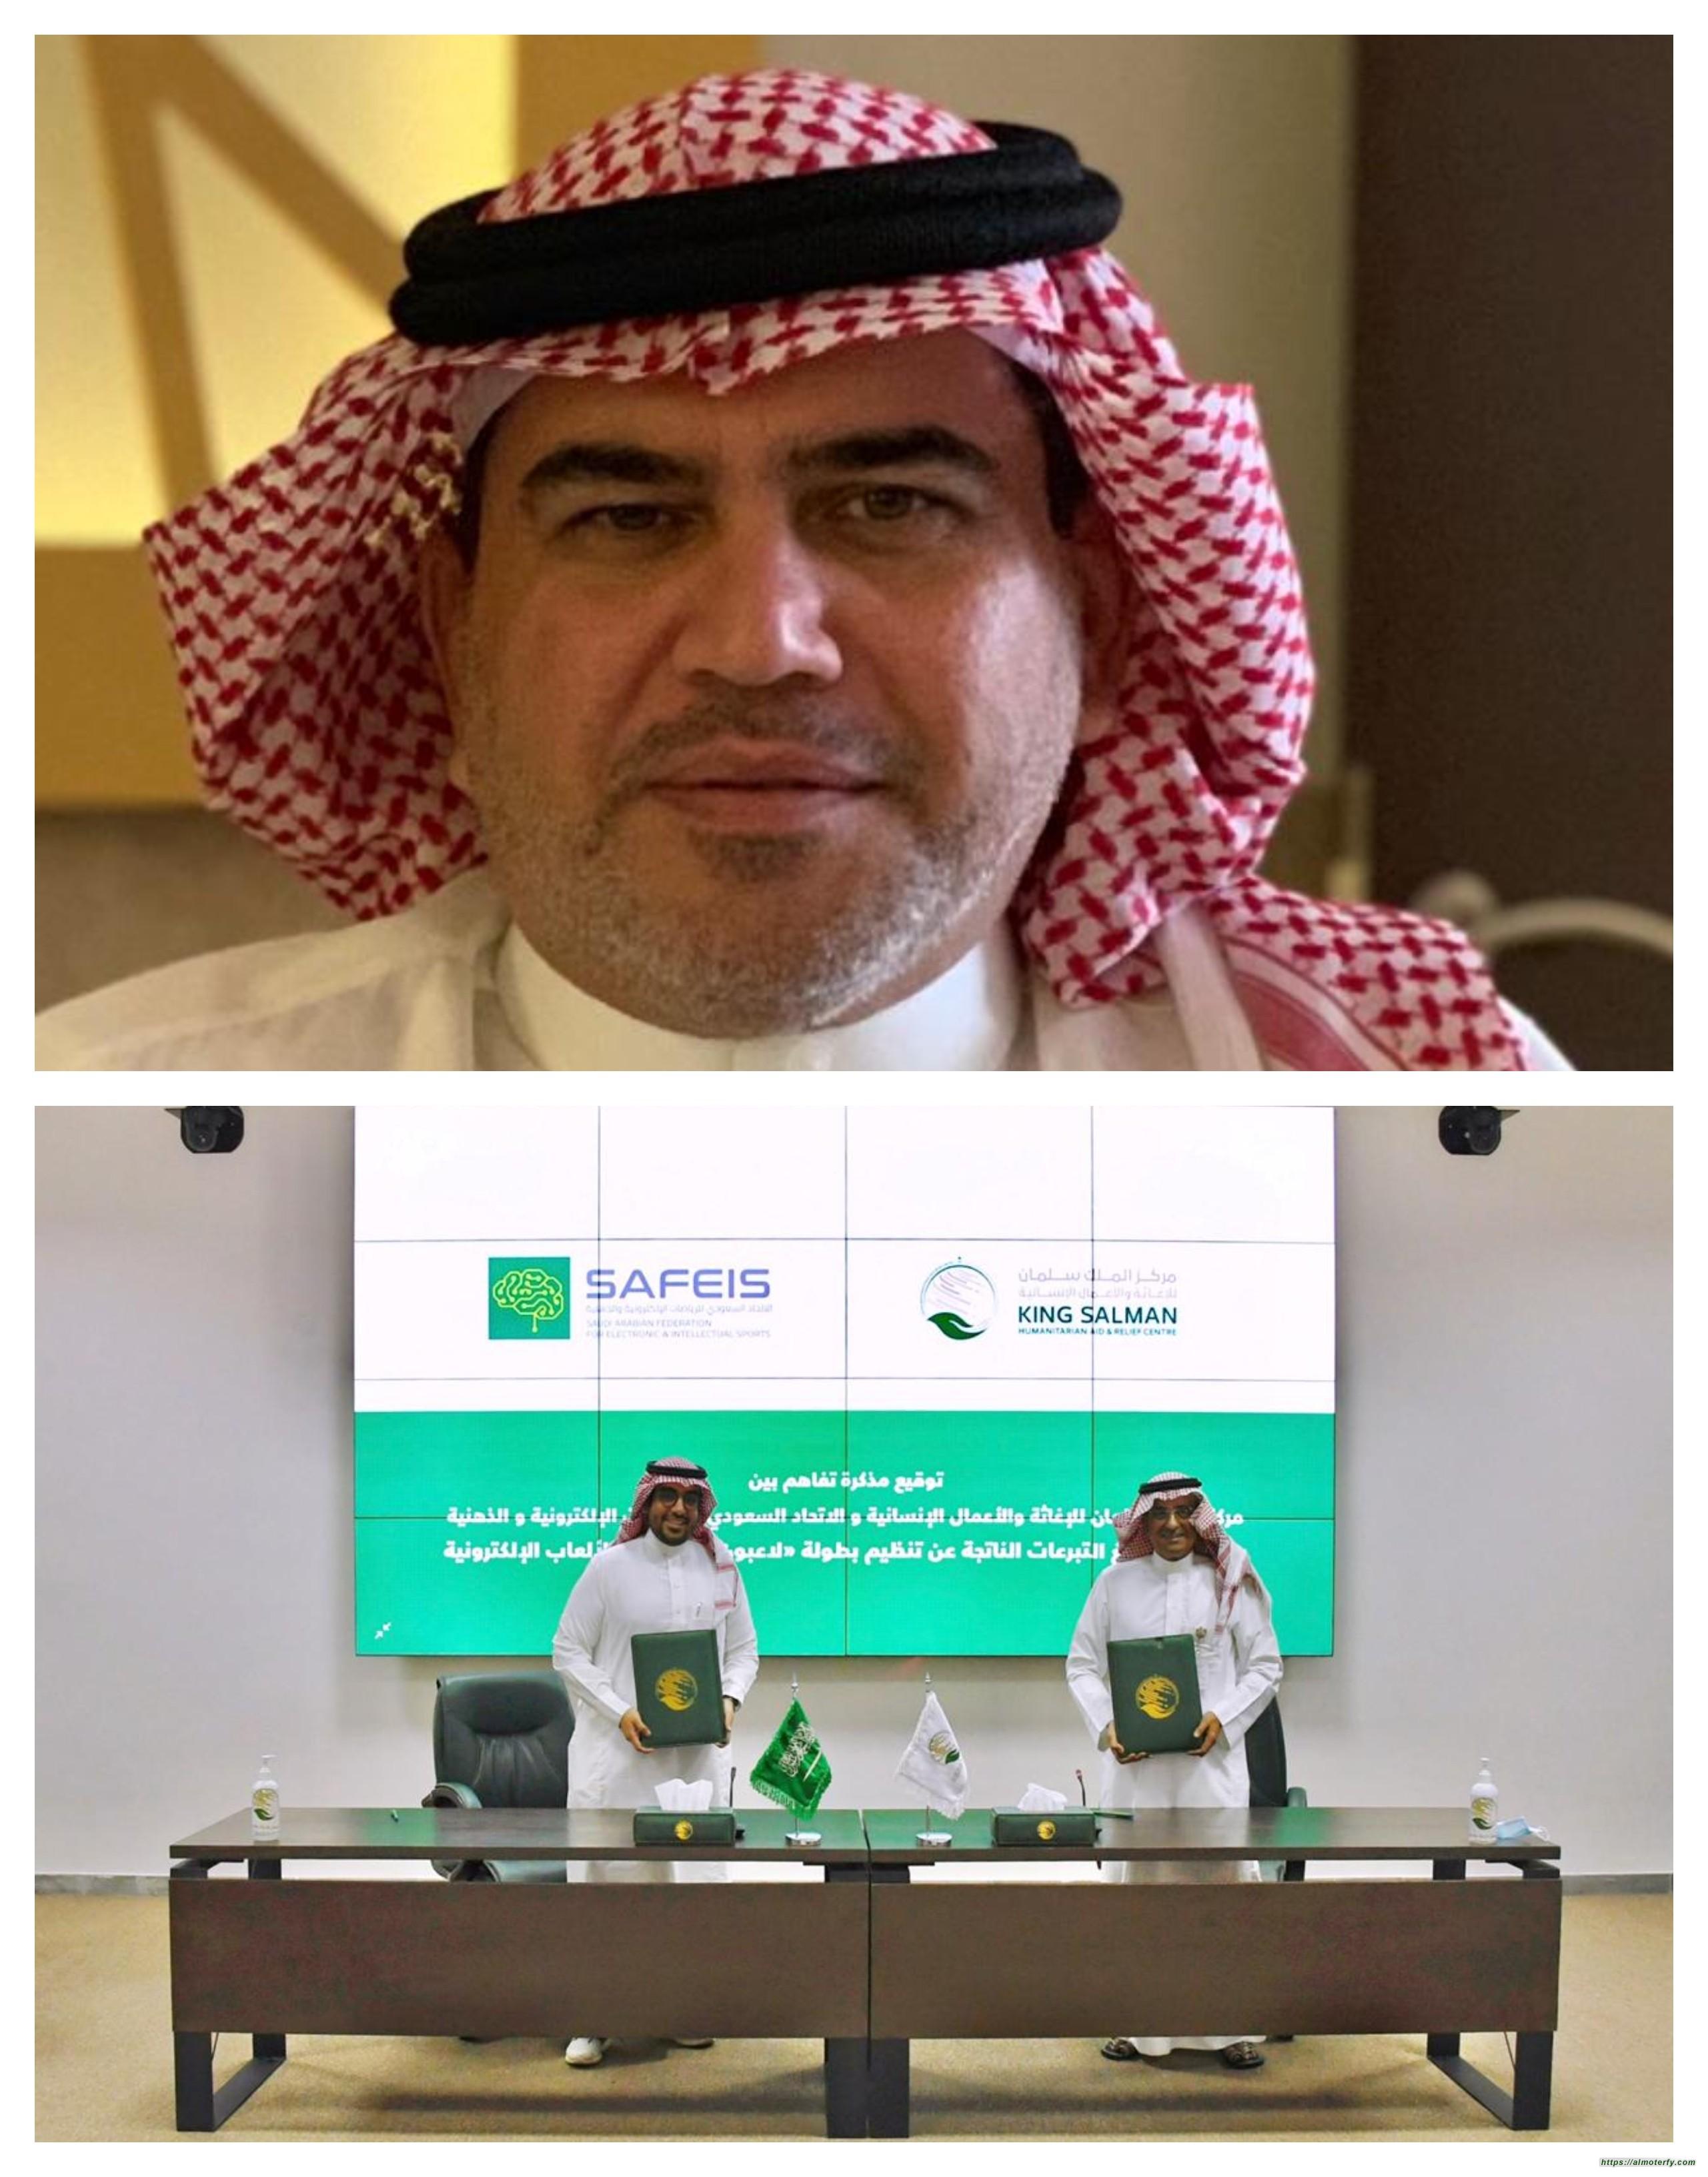 دراسة: الدور الإعلامي لوزارة الصحة أسهم في تعريف أفراد المجتمع السعودي بفيروس كورونا بنسبة 98.2%